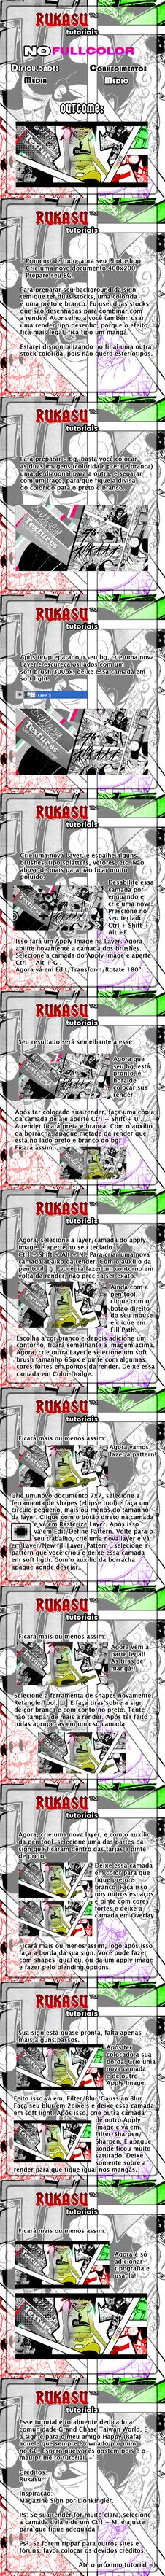 Tutorial noFullColor Signature by xRukasux